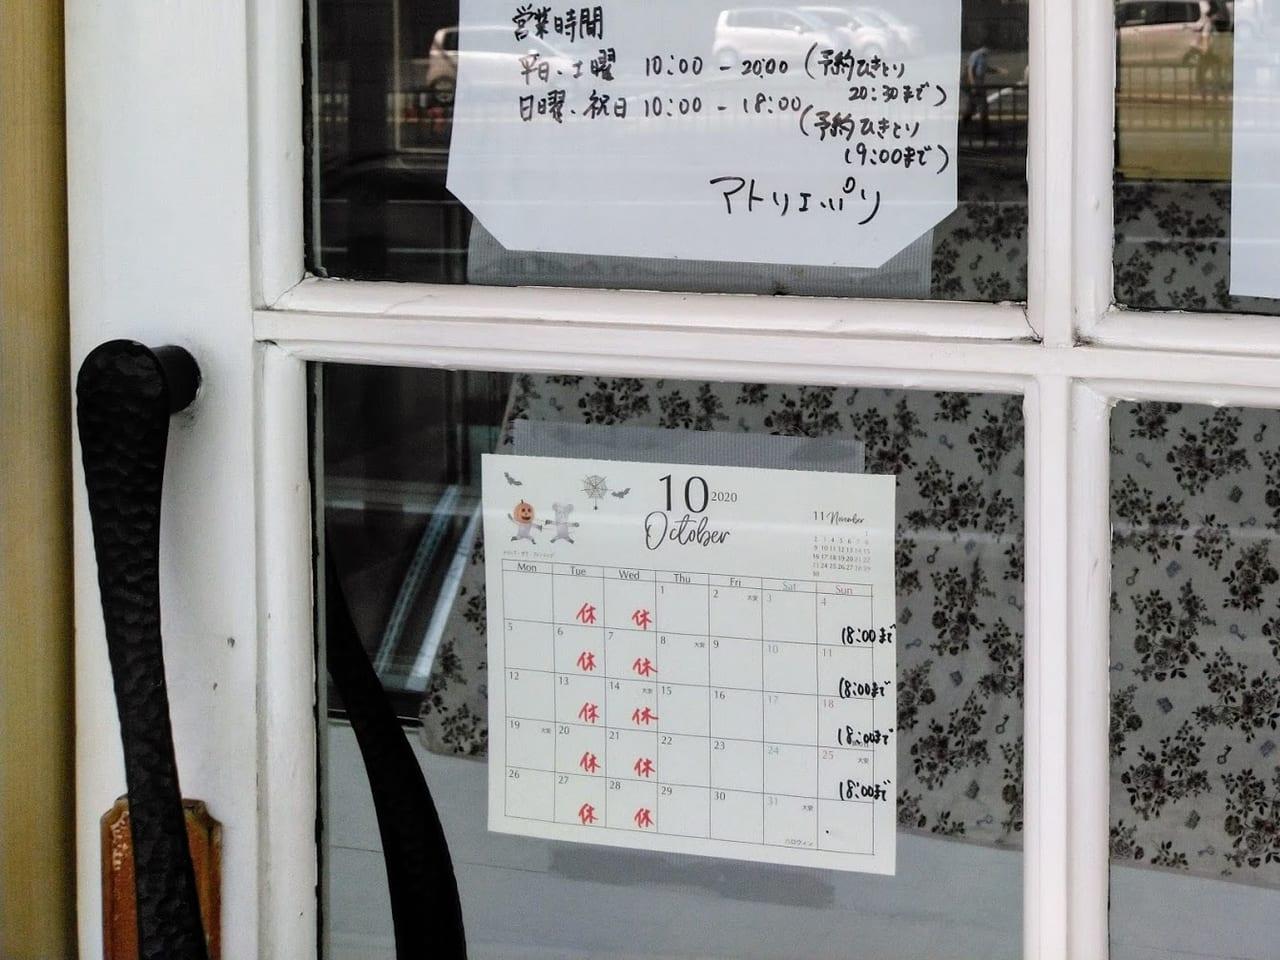 アトリエパリは2020年10月末で閉店します